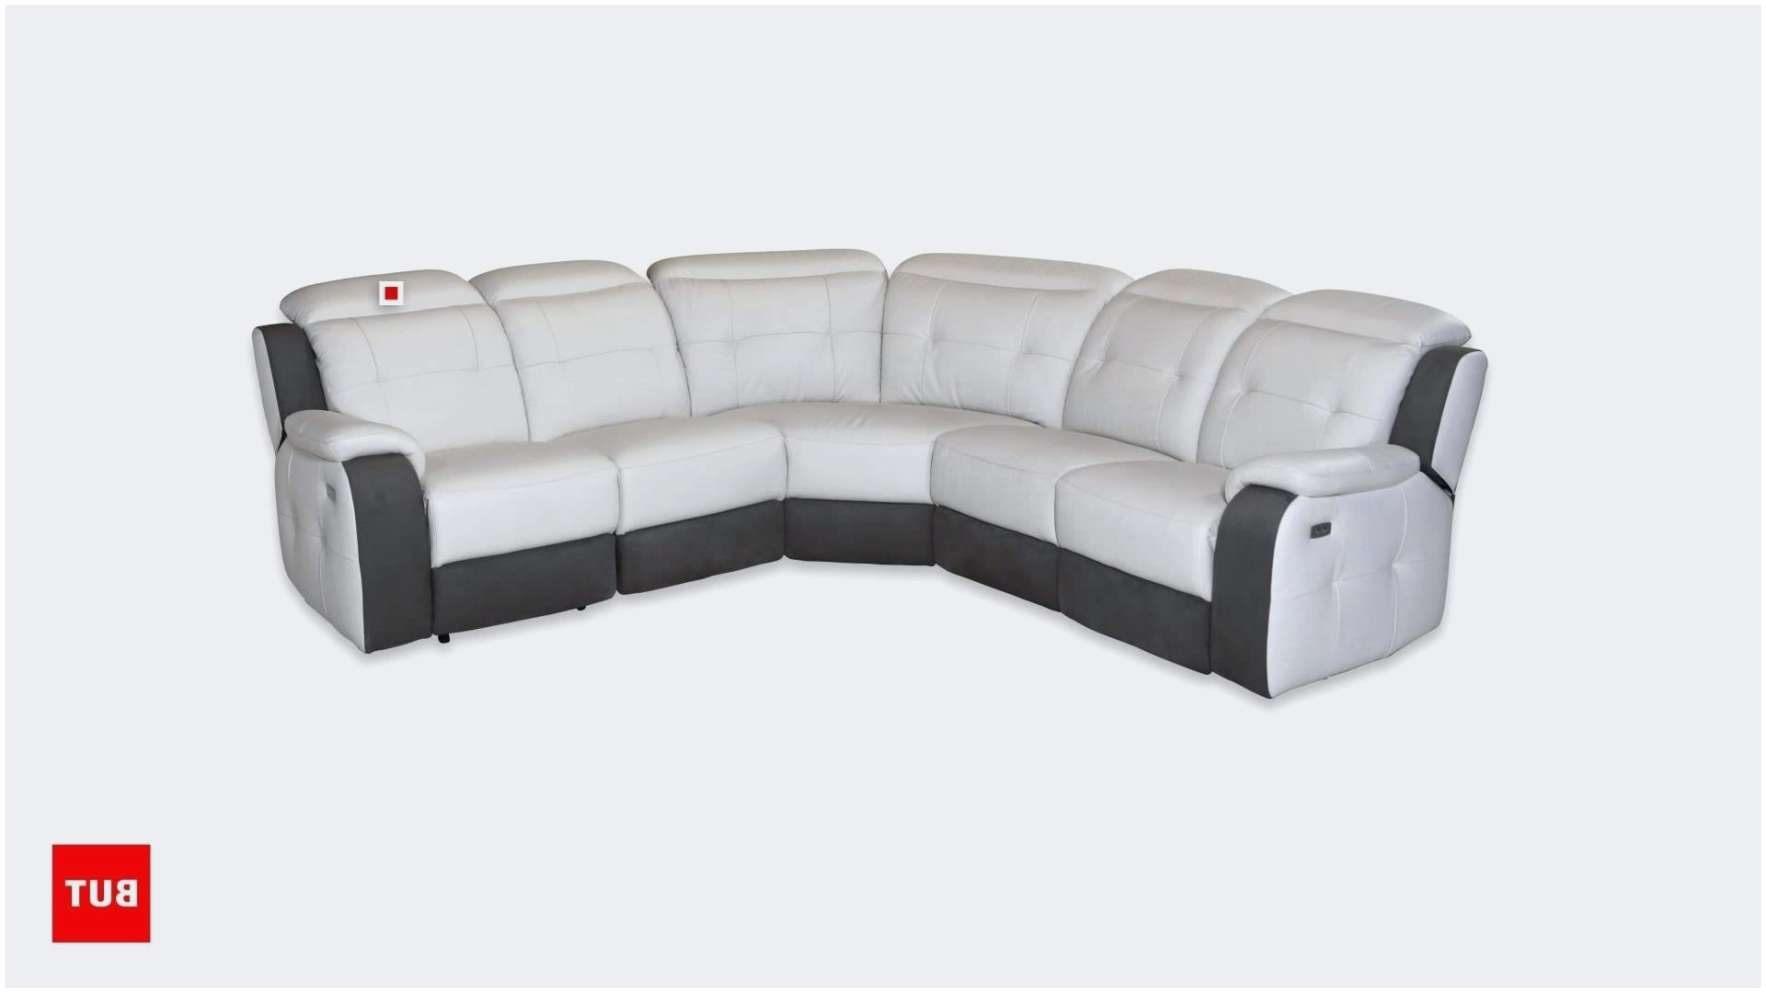 Lit Superposé 3 Places Frais Nouveau Luxury Canapé Lit Matelas Pour Option Canapé Convertible 2